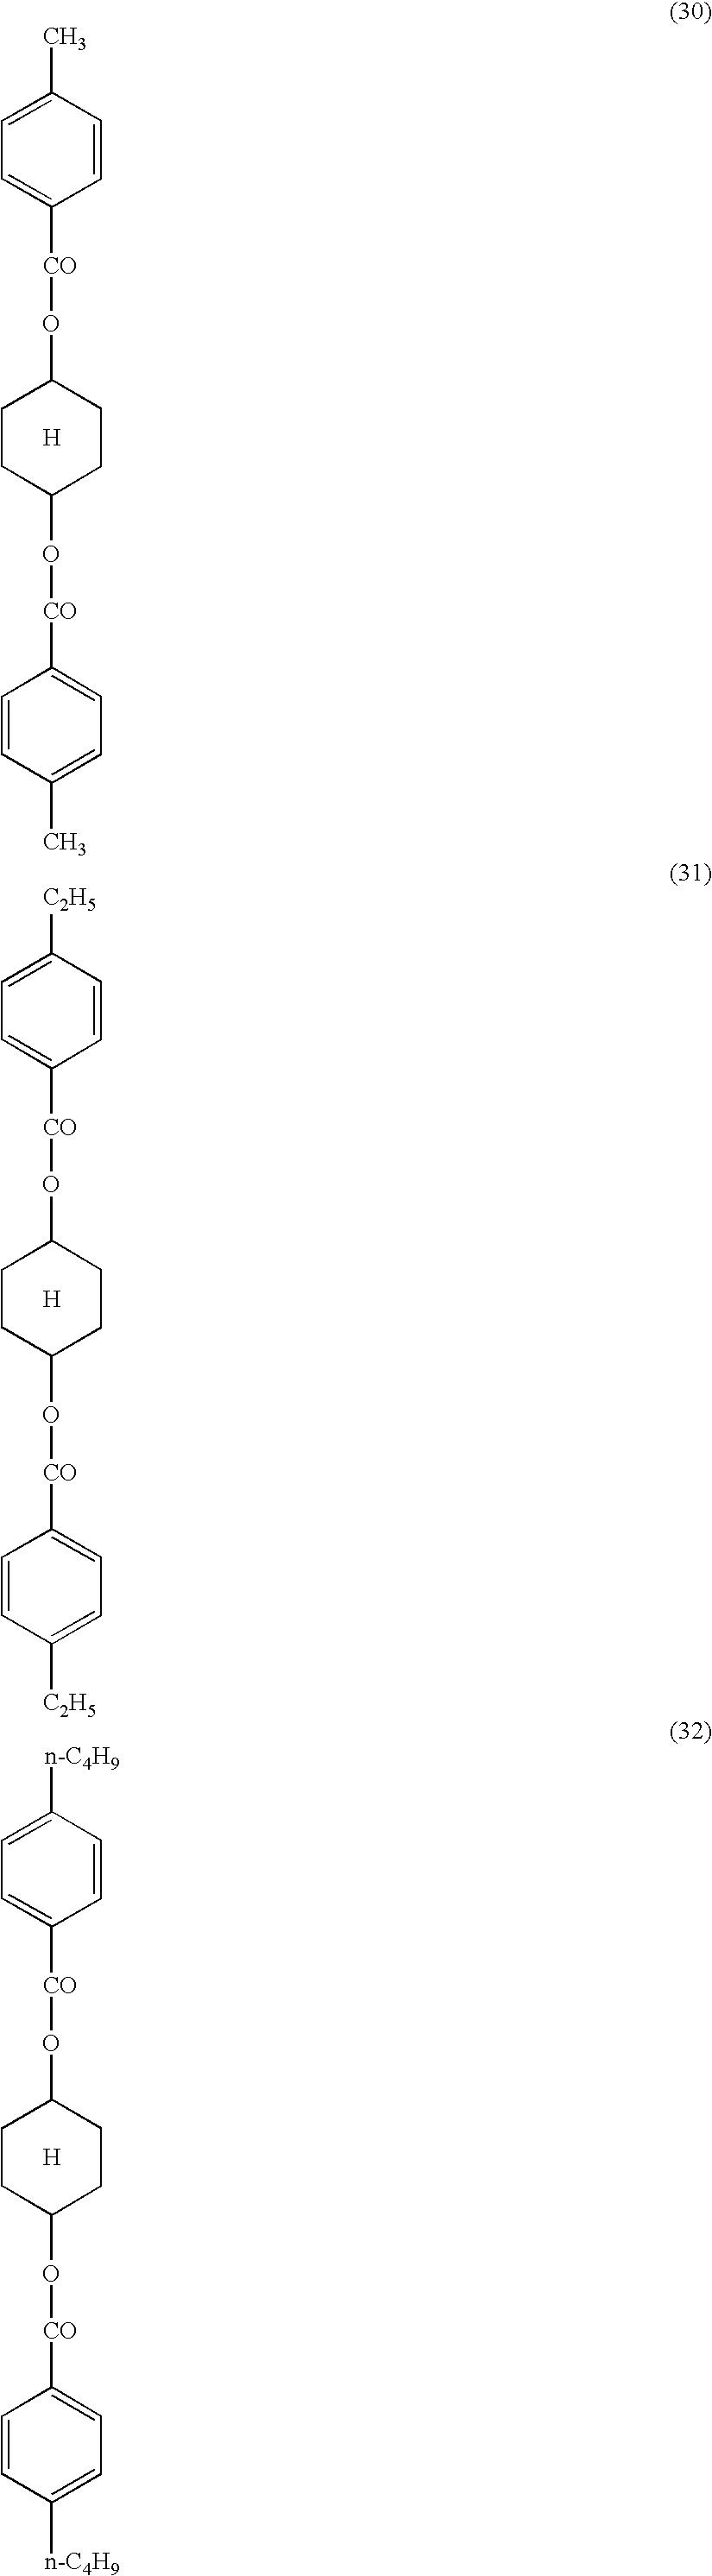 Figure US20090079910A1-20090326-C00015